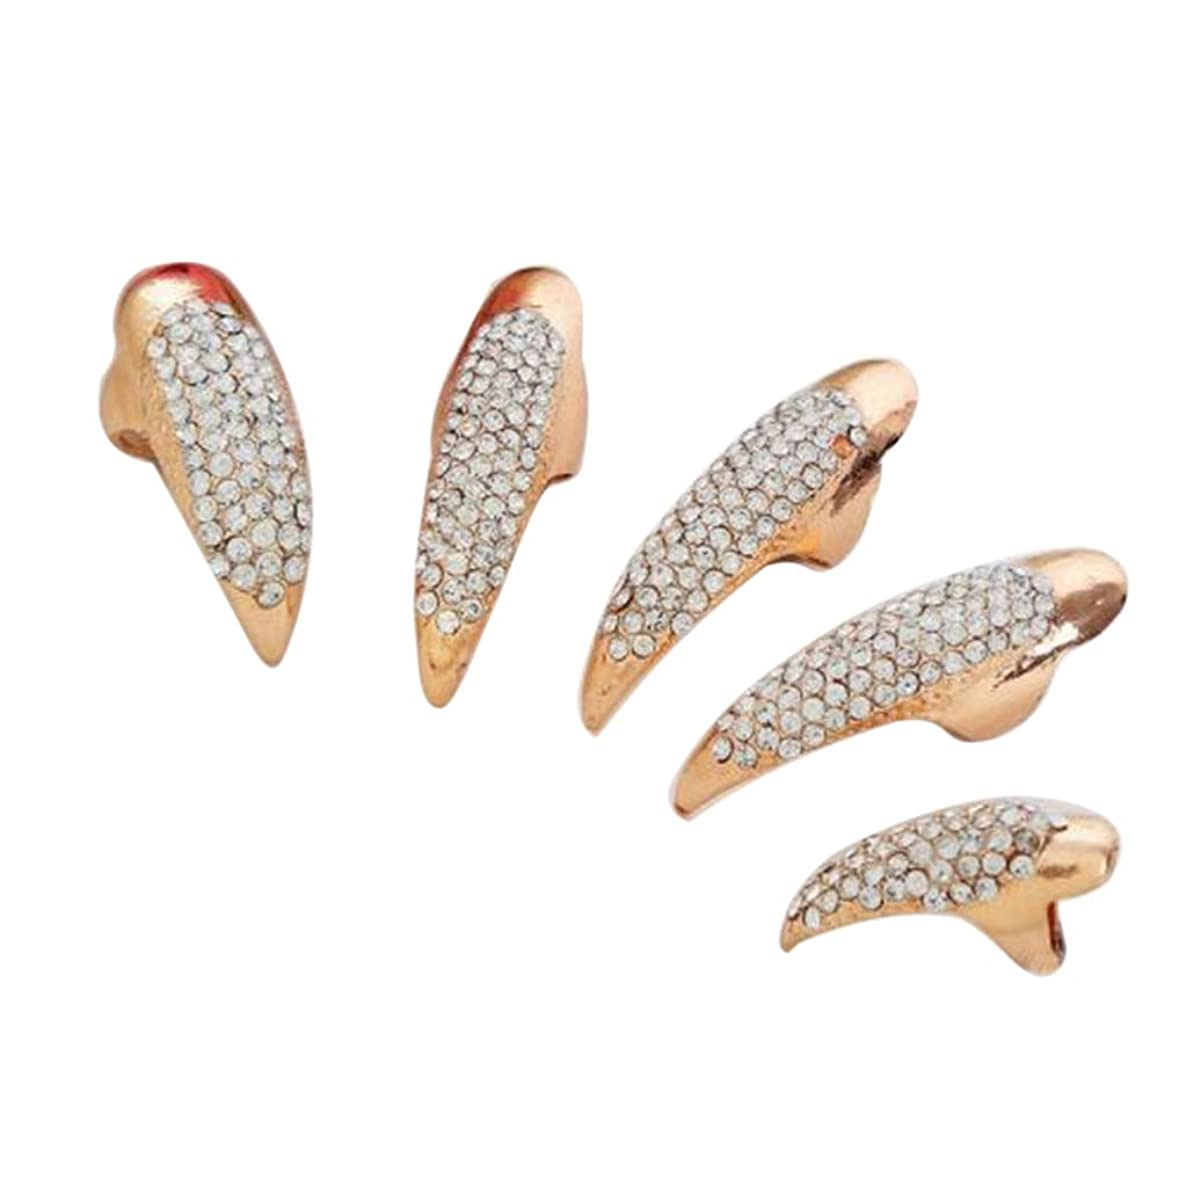 メインヒューム概してSharplace 爪リング ネイルチップ ネイルアート 人工の爪 曲げ爪 コスプレ パーティー 2色選べ - ゴールデン